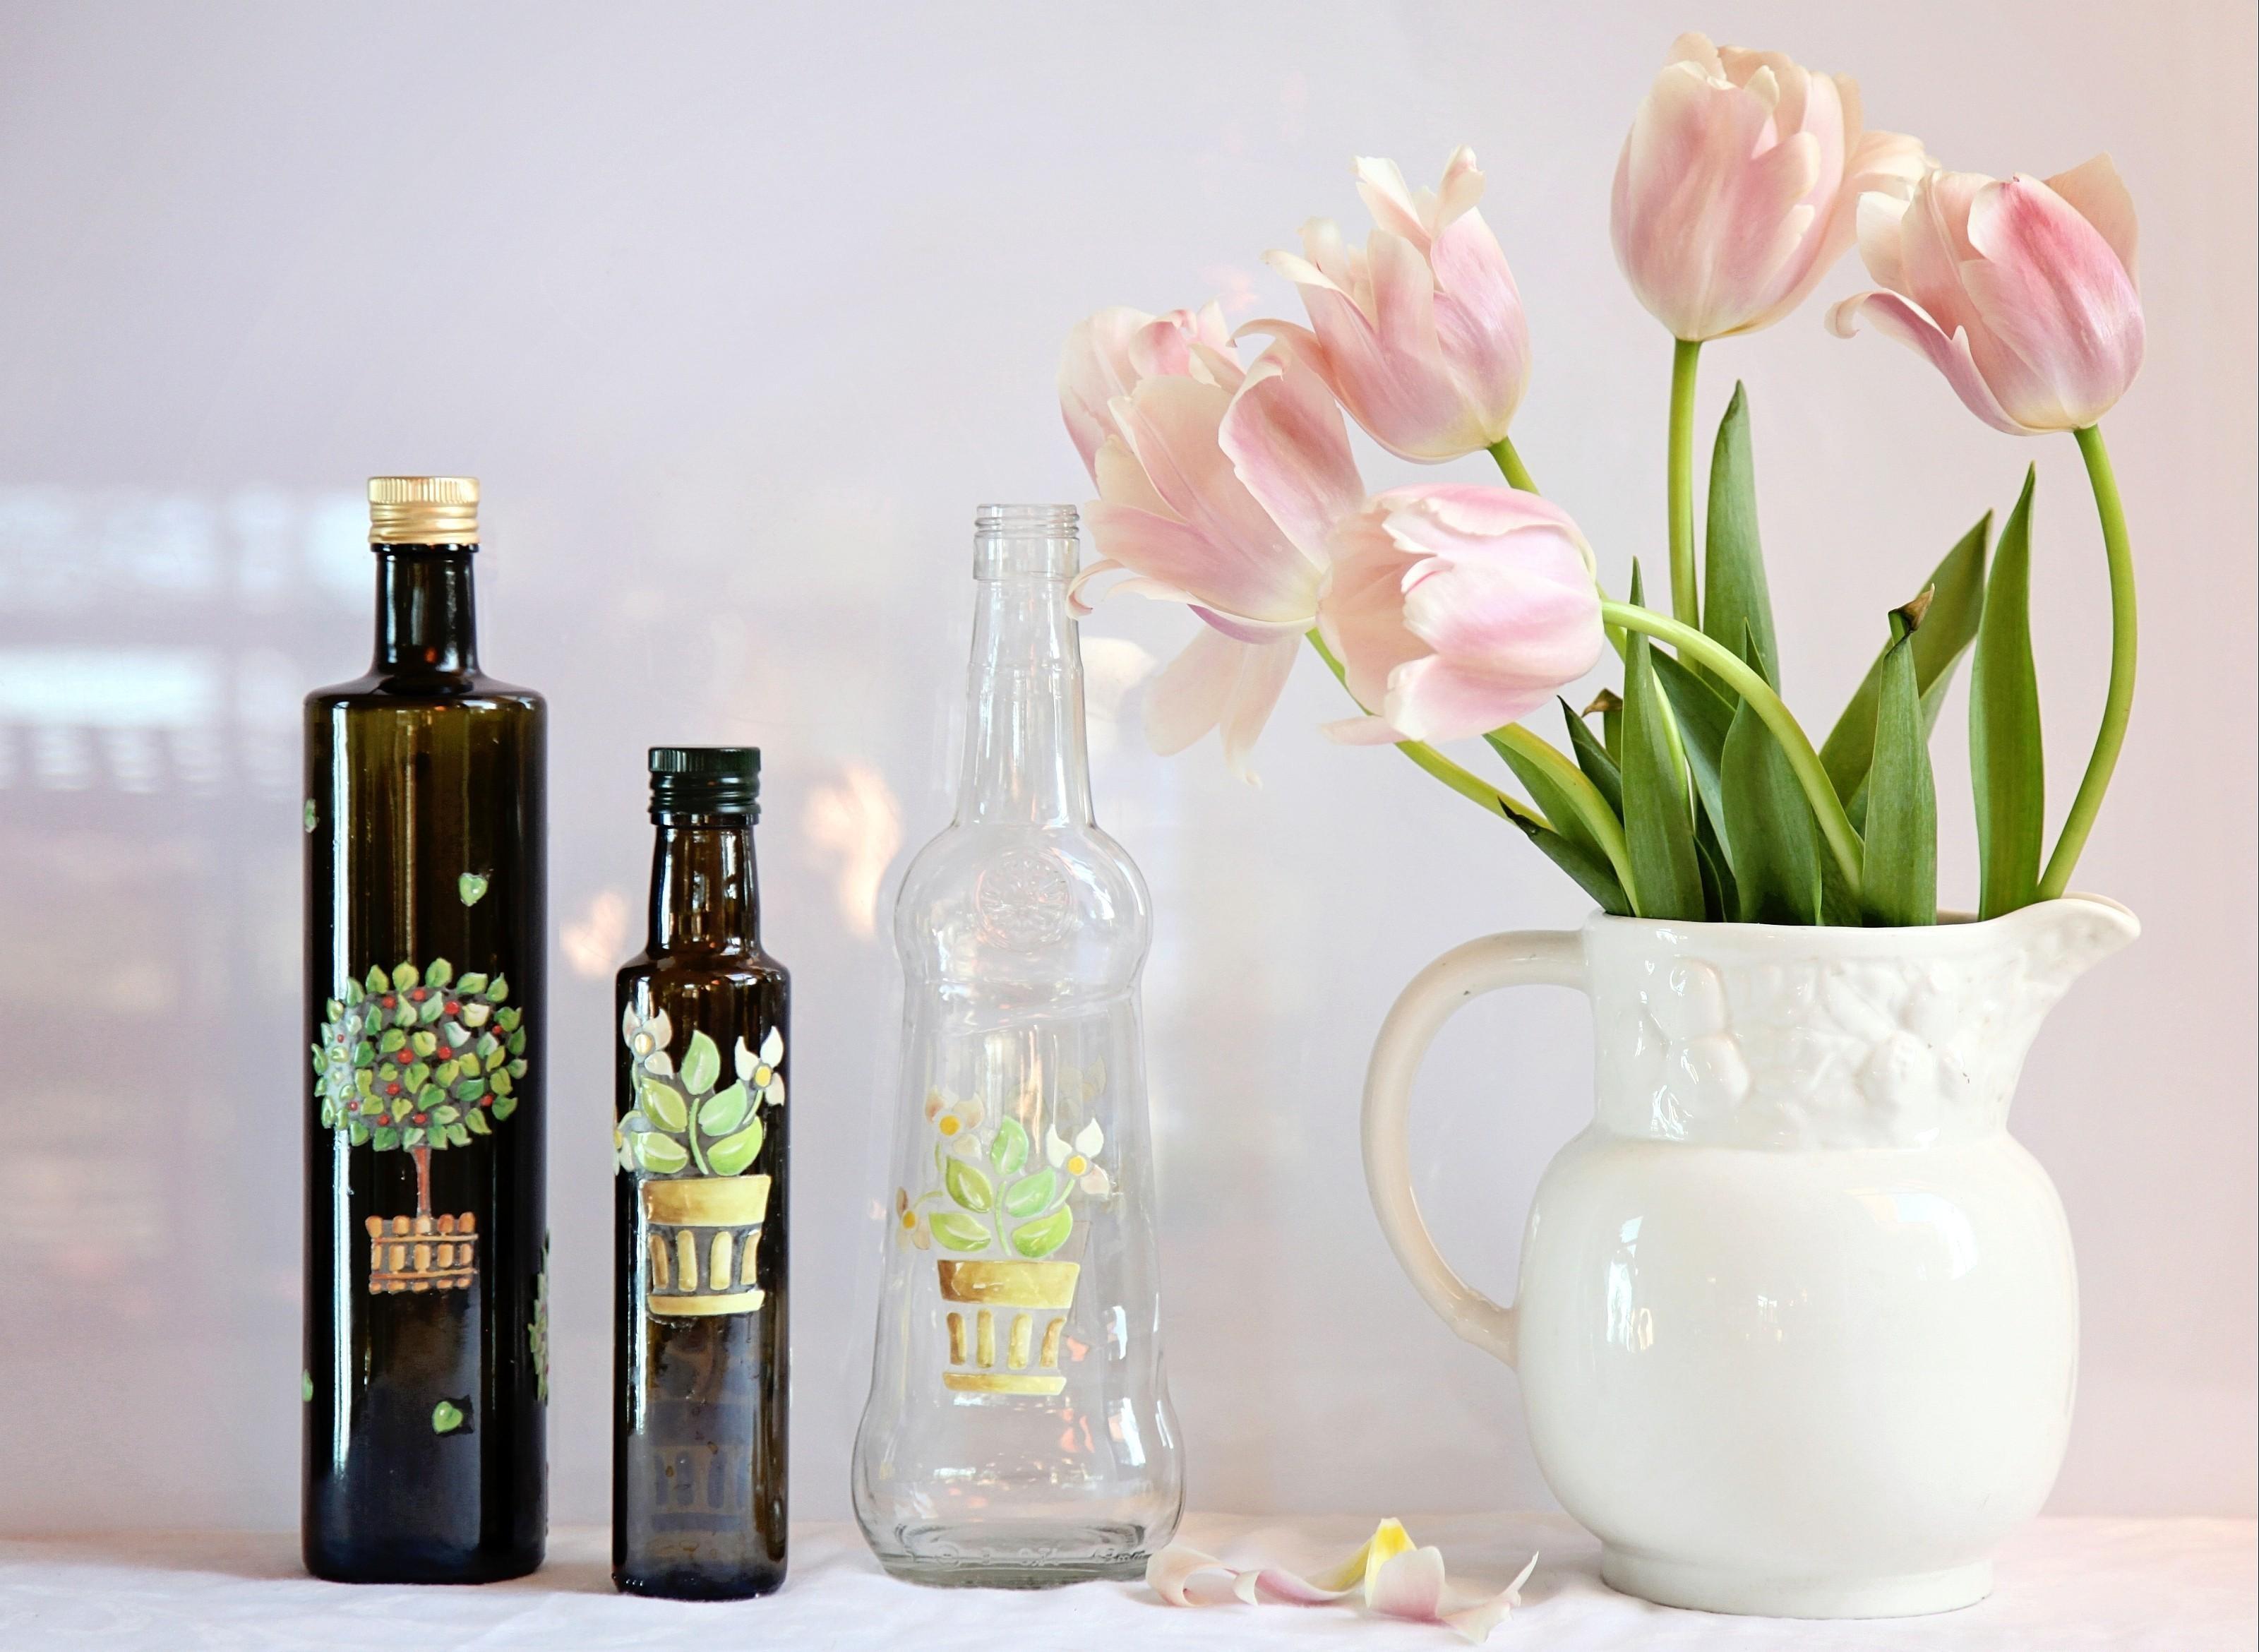 53393 descargar fondo de pantalla Flores, Pétalos, Jarra, Jarro, Botella, Botellas, Tulipanes: protectores de pantalla e imágenes gratis